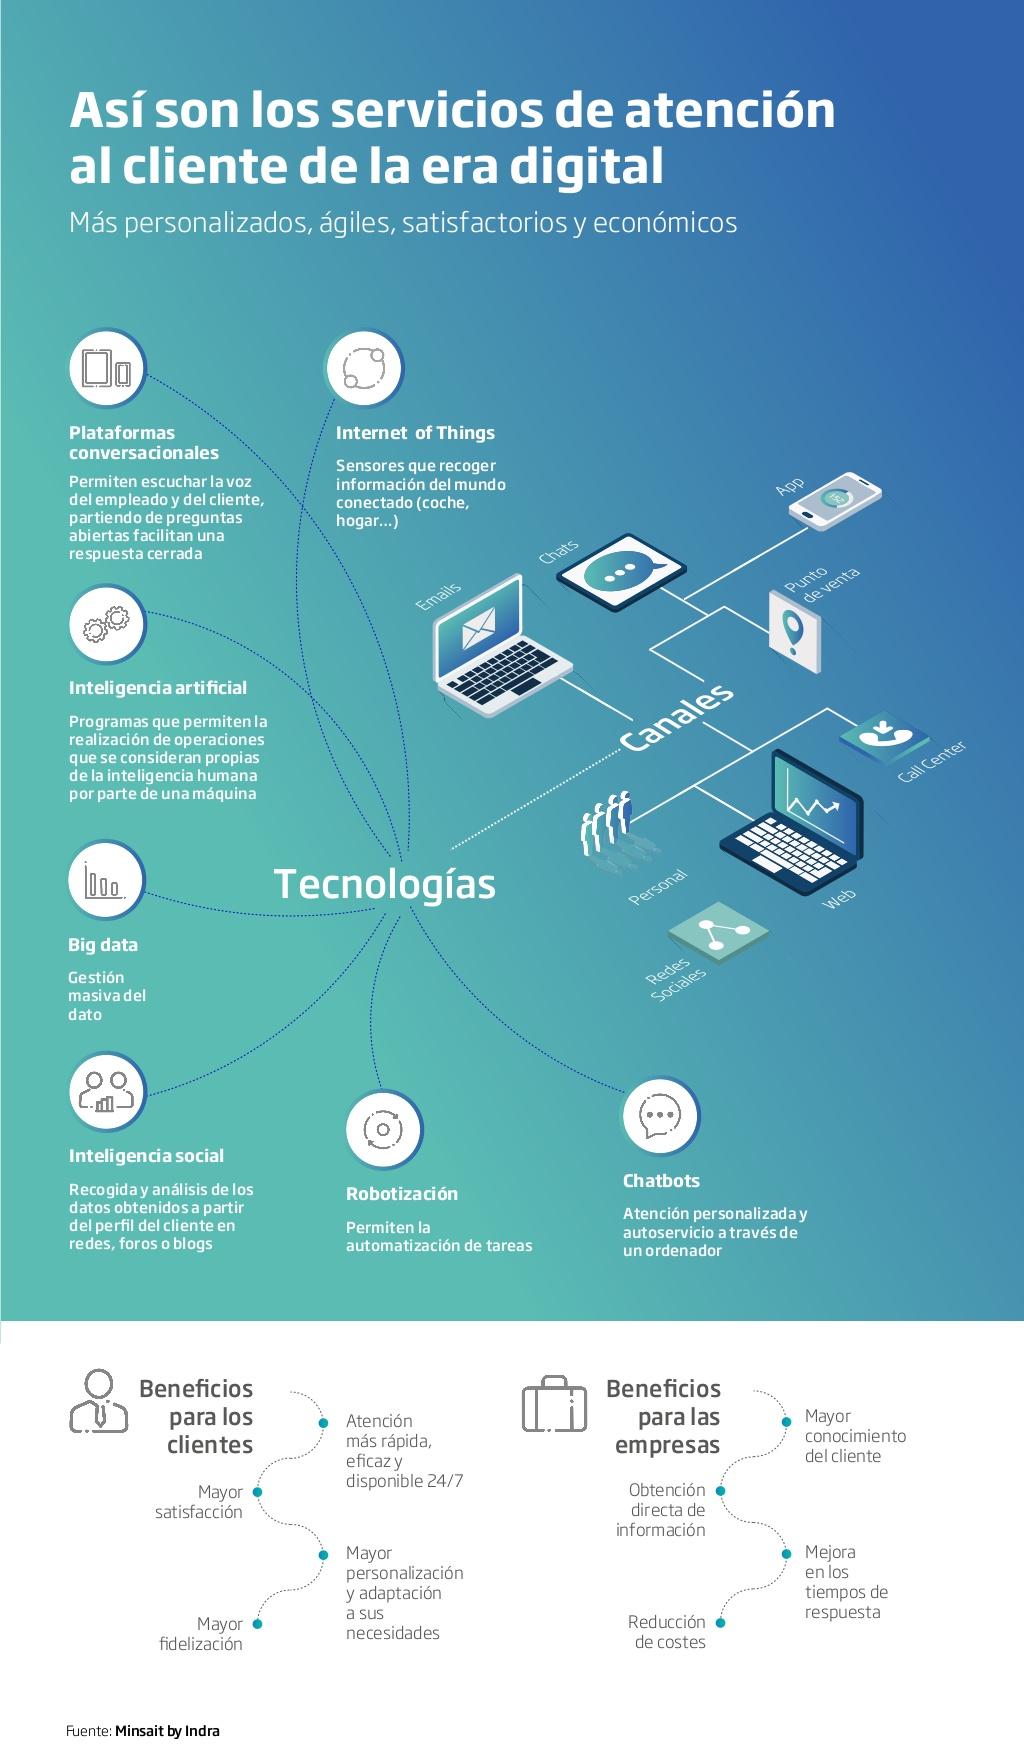 La atención al cliente en la era digital #infografia #infographic #marketing - TICs y Formación